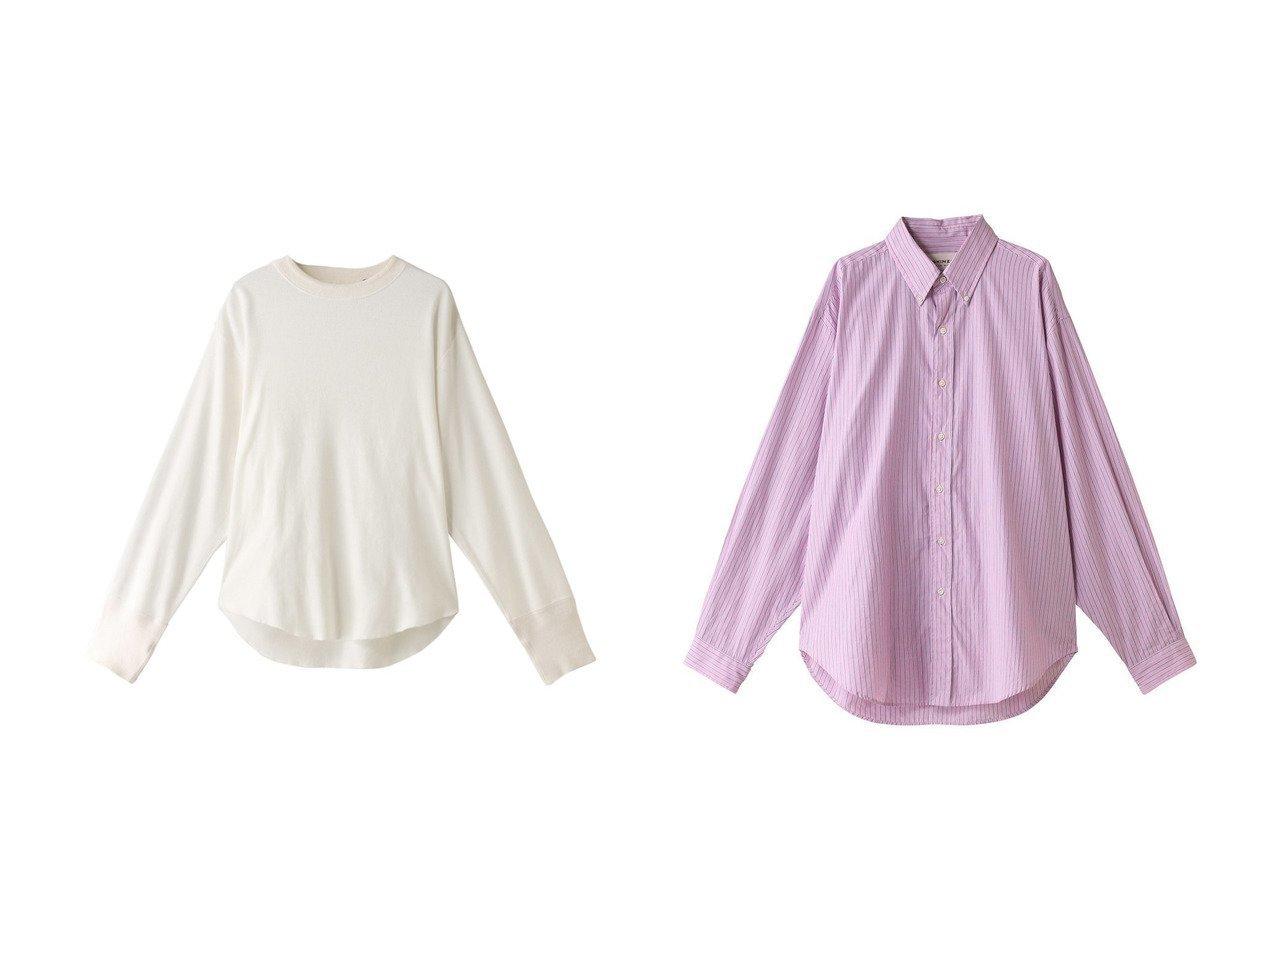 【Shinzone/シンゾーン】のコットンミリタリープルオーバー&DADDY ストライプコットンシャツ トップス・カットソーのおすすめ!人気、トレンド・レディースファッションの通販 おすすめで人気の流行・トレンド、ファッションの通販商品 メンズファッション・キッズファッション・インテリア・家具・レディースファッション・服の通販 founy(ファニー) https://founy.com/ ファッション Fashion レディースファッション WOMEN トップス Tops Tshirt シャツ/ブラウス Shirts Blouses ロング / Tシャツ T-Shirts プルオーバー Pullover カットソー Cut and Sewn 2021年 2021 2021 春夏 S/S SS Spring/Summer 2021 S/S 春夏 SS Spring/Summer ストライプ スリーブ ロング 春 Spring シンプル 長袖  ID:crp329100000013495